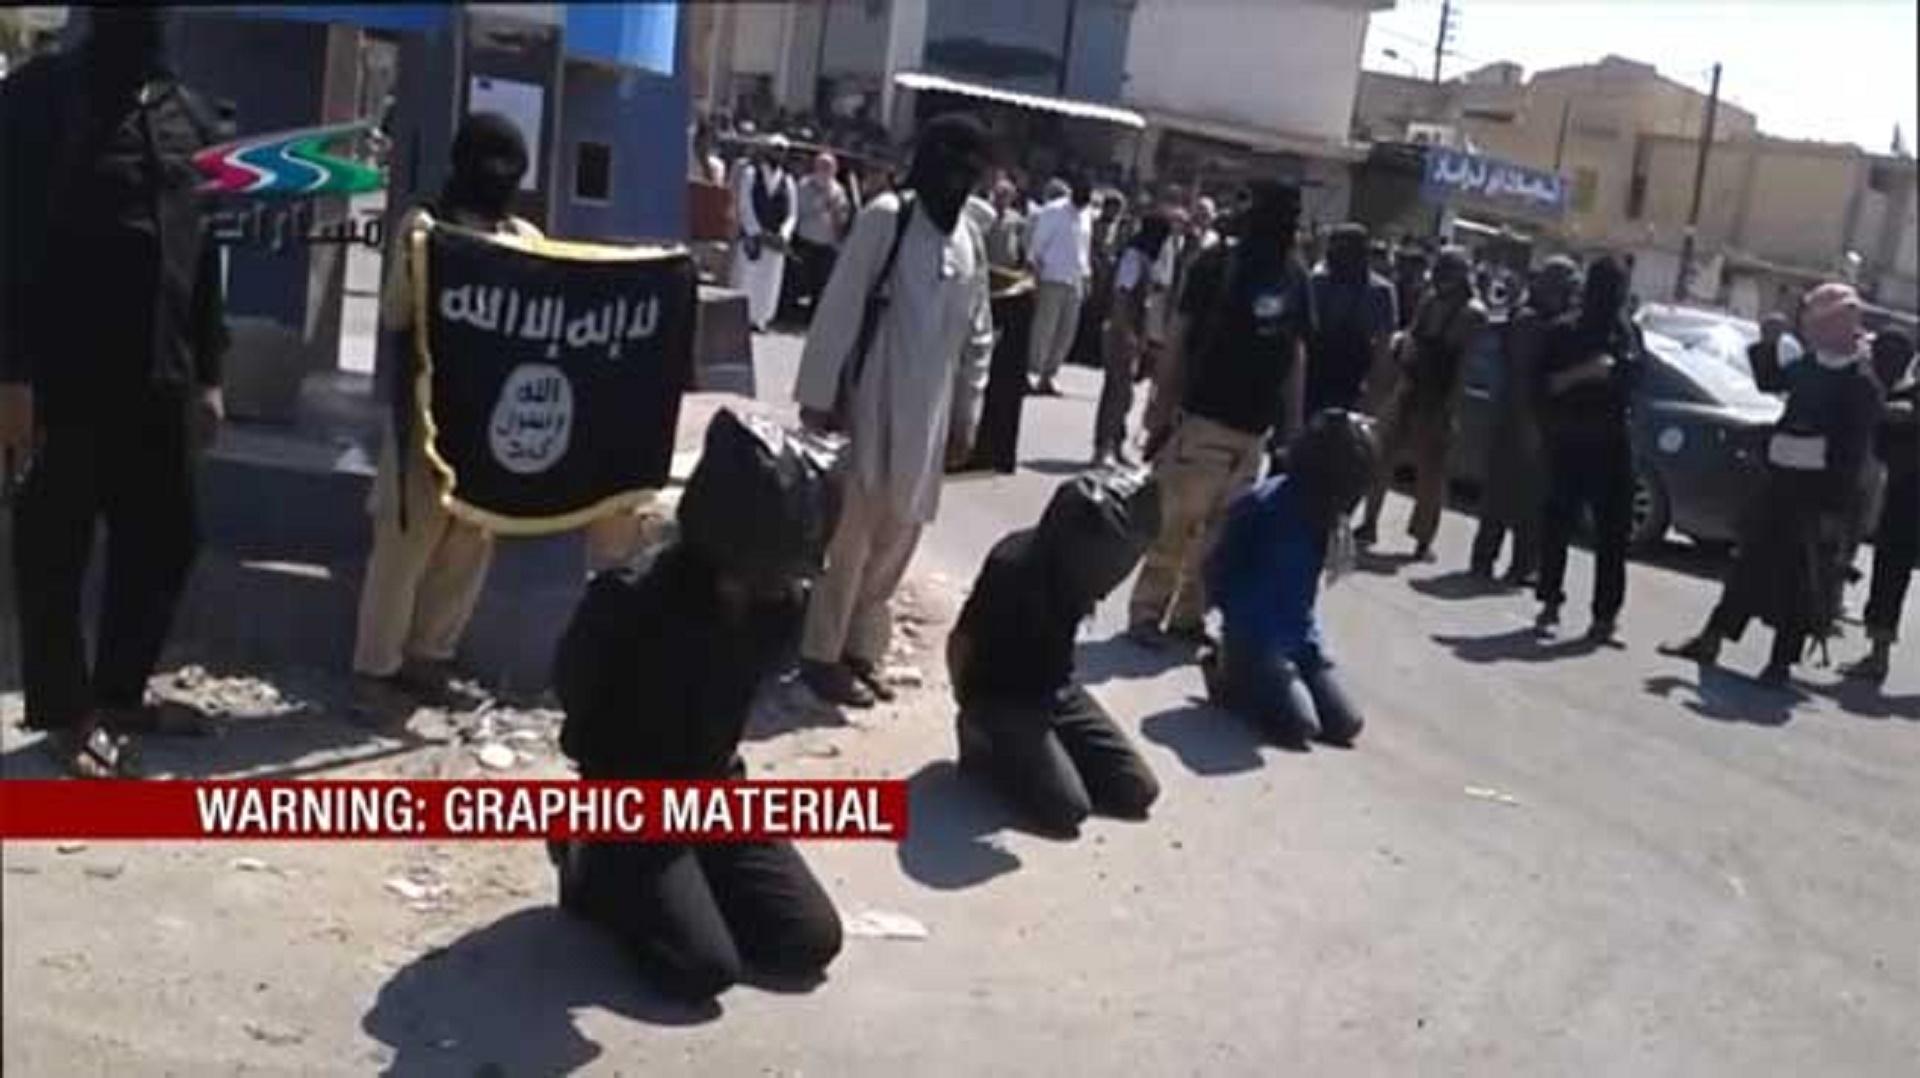 Printul intunericului. Sa fie acesta ISIL?